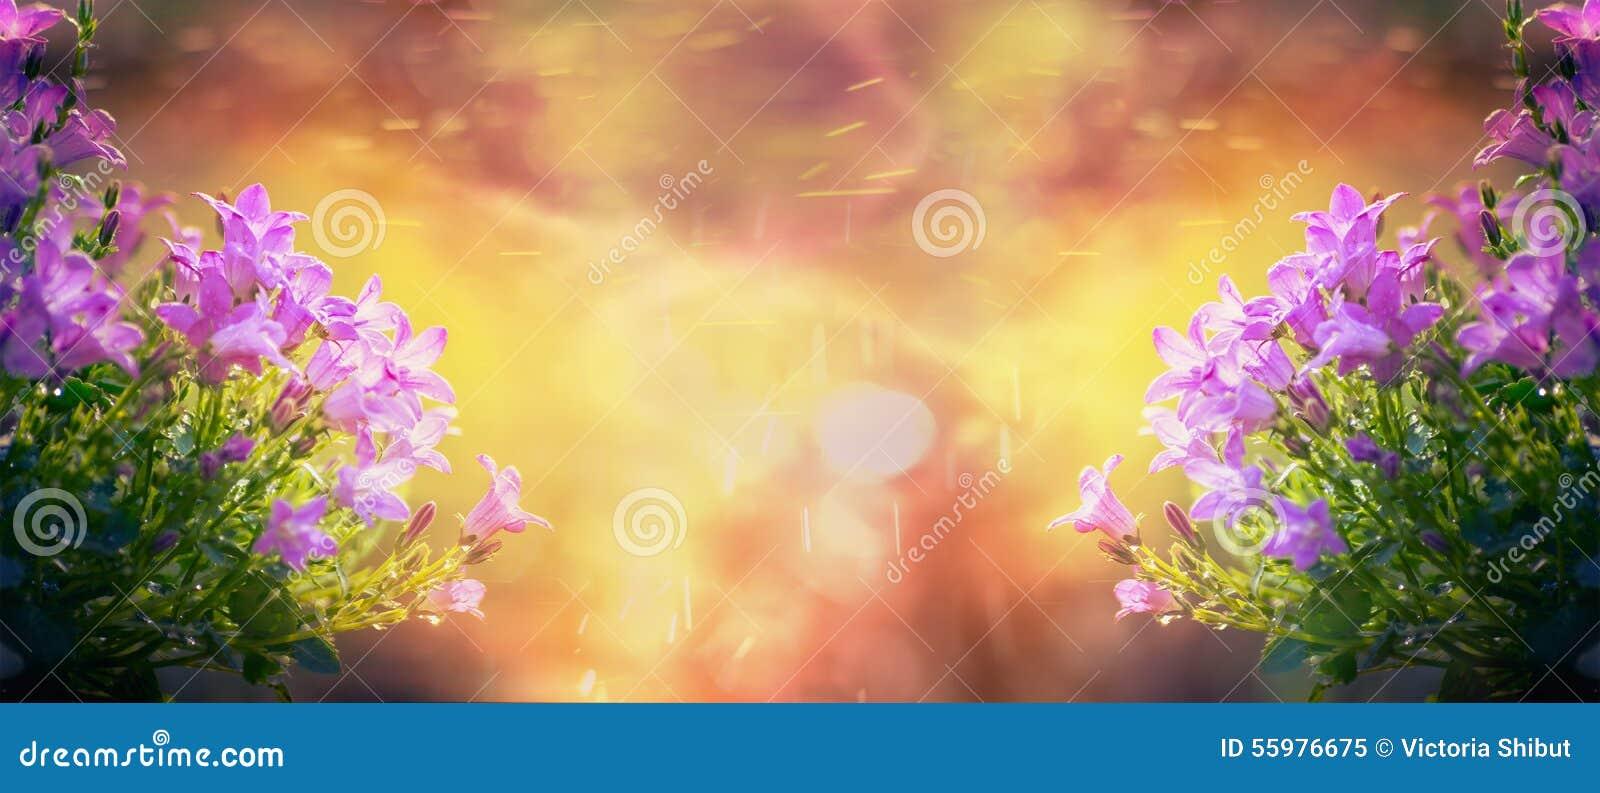 Belles fleurs de cloche sur le lever de soleil dans le jardin ou le parc, fond de nature, bannière